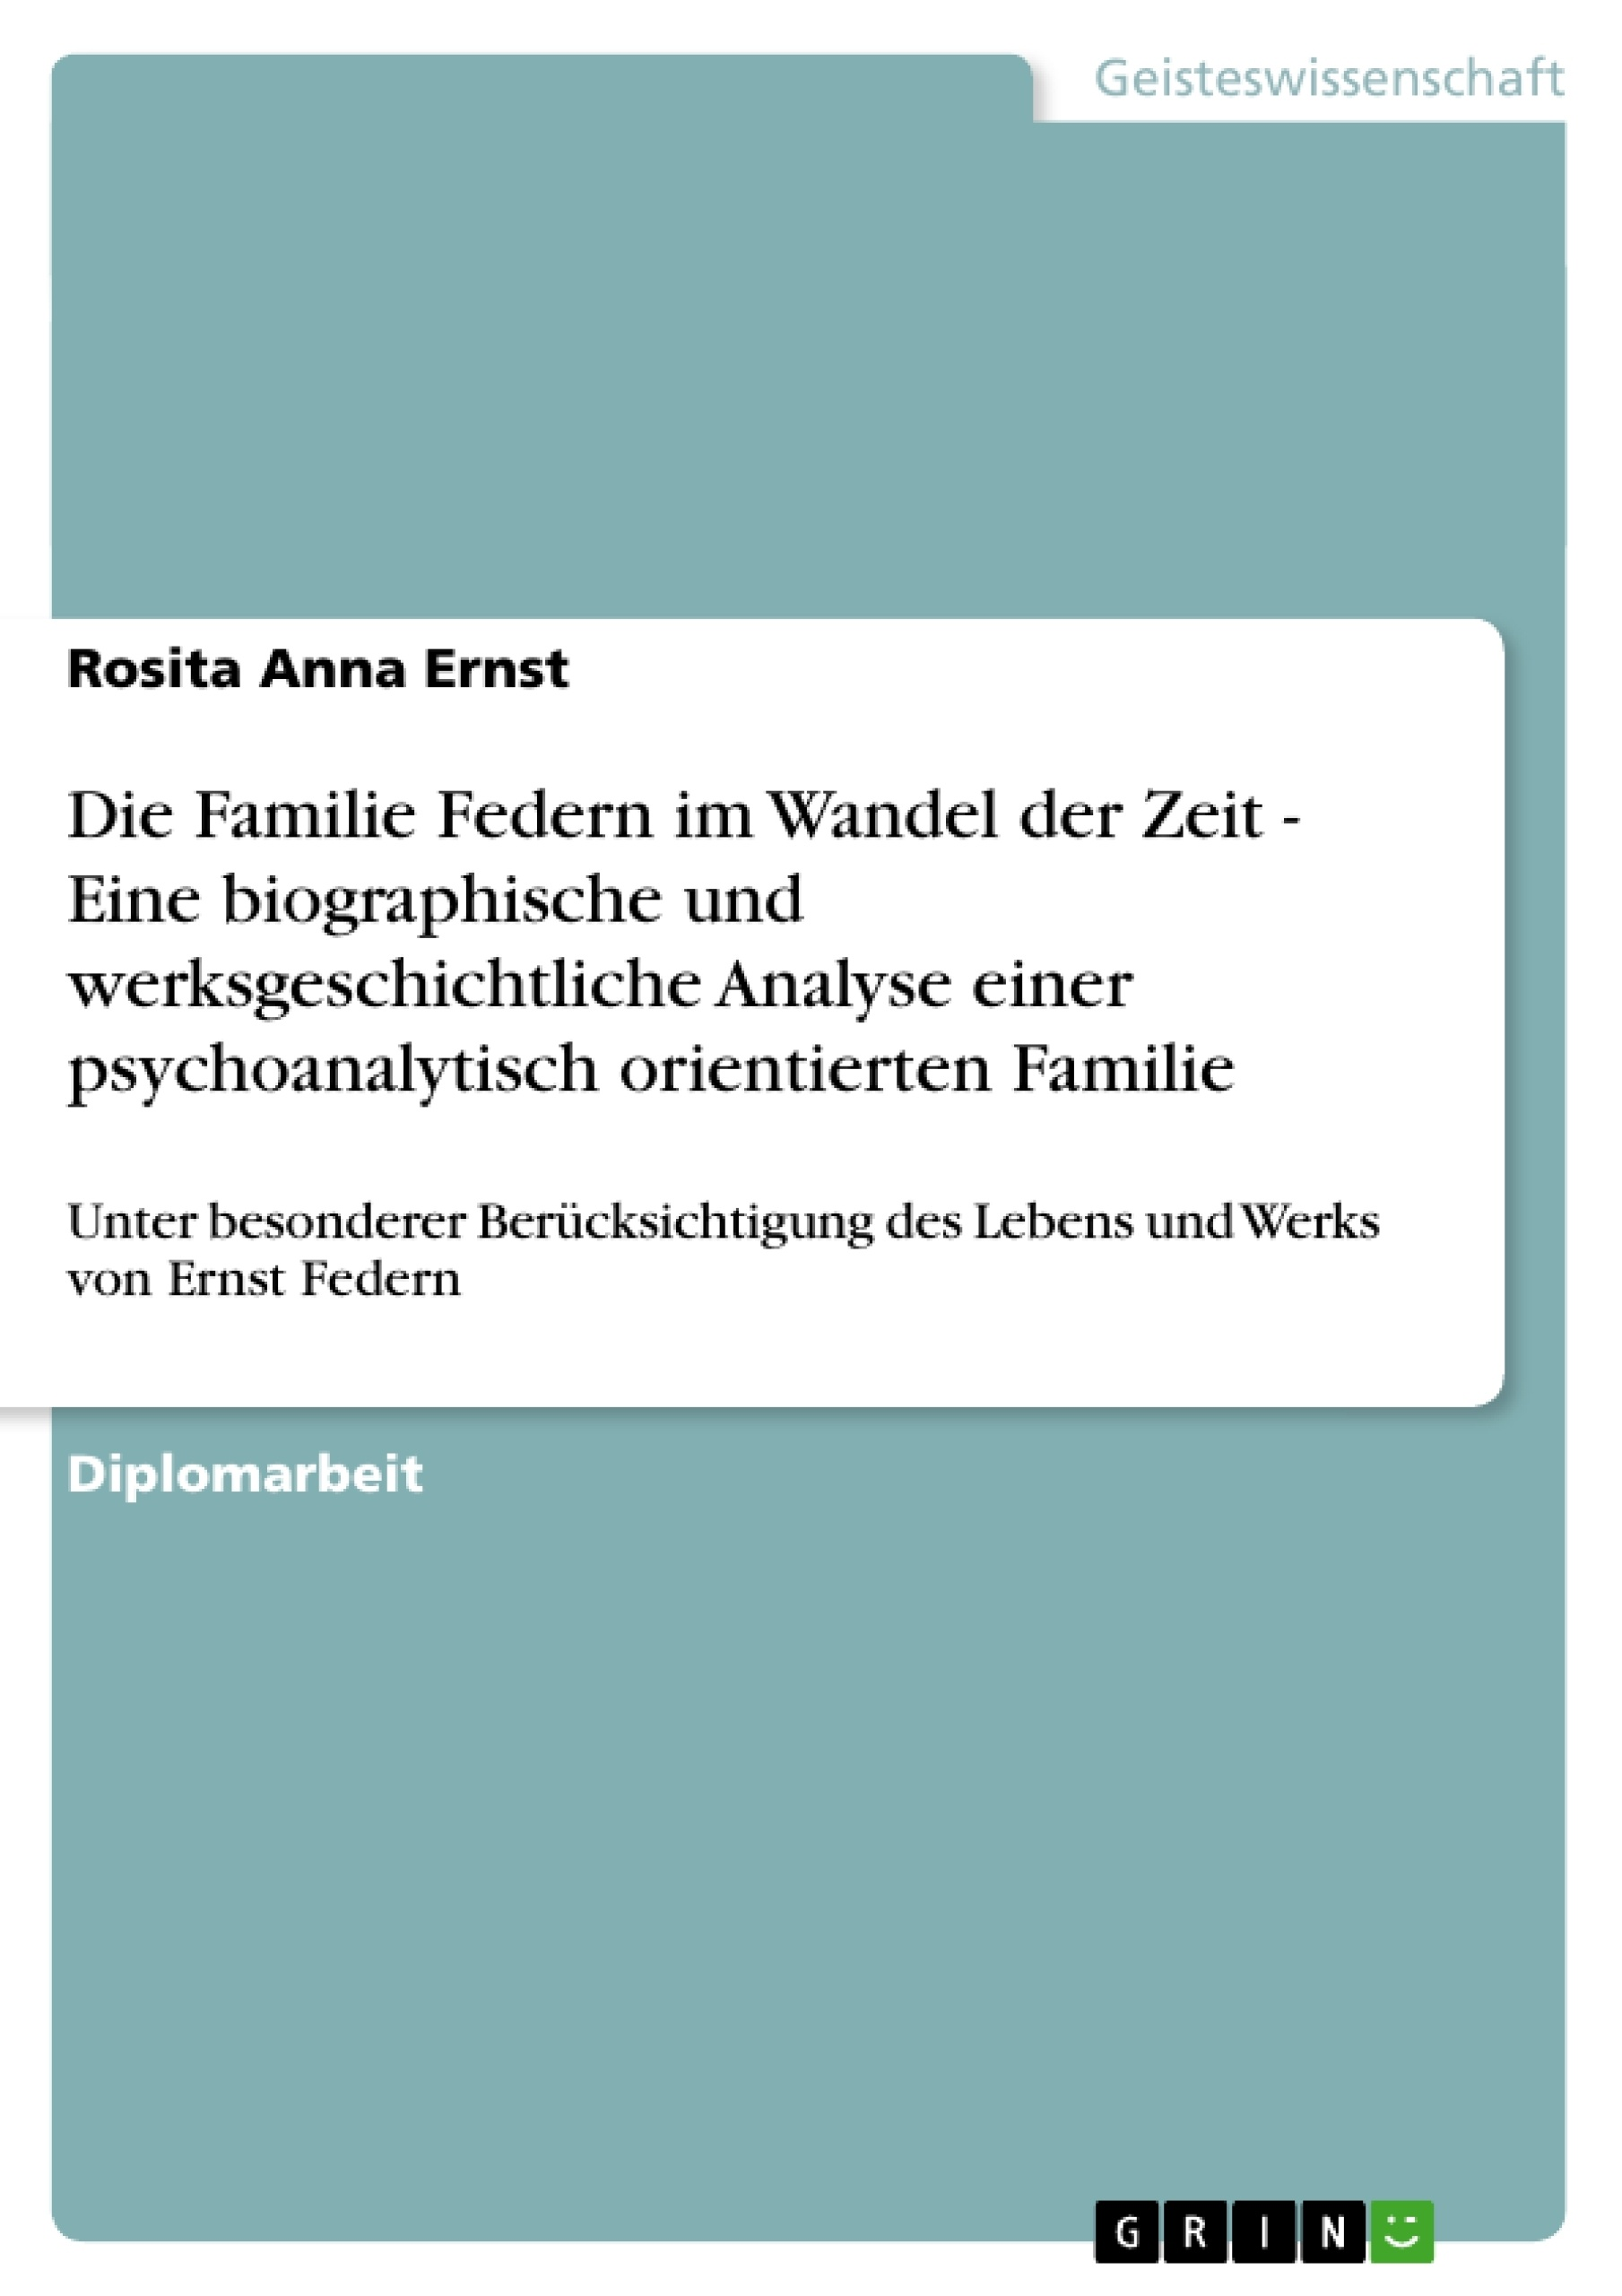 Titel: Die Familie Federn im Wandel der Zeit - Eine biographische und werksgeschichtliche Analyse einer psychoanalytisch orientierten Familie